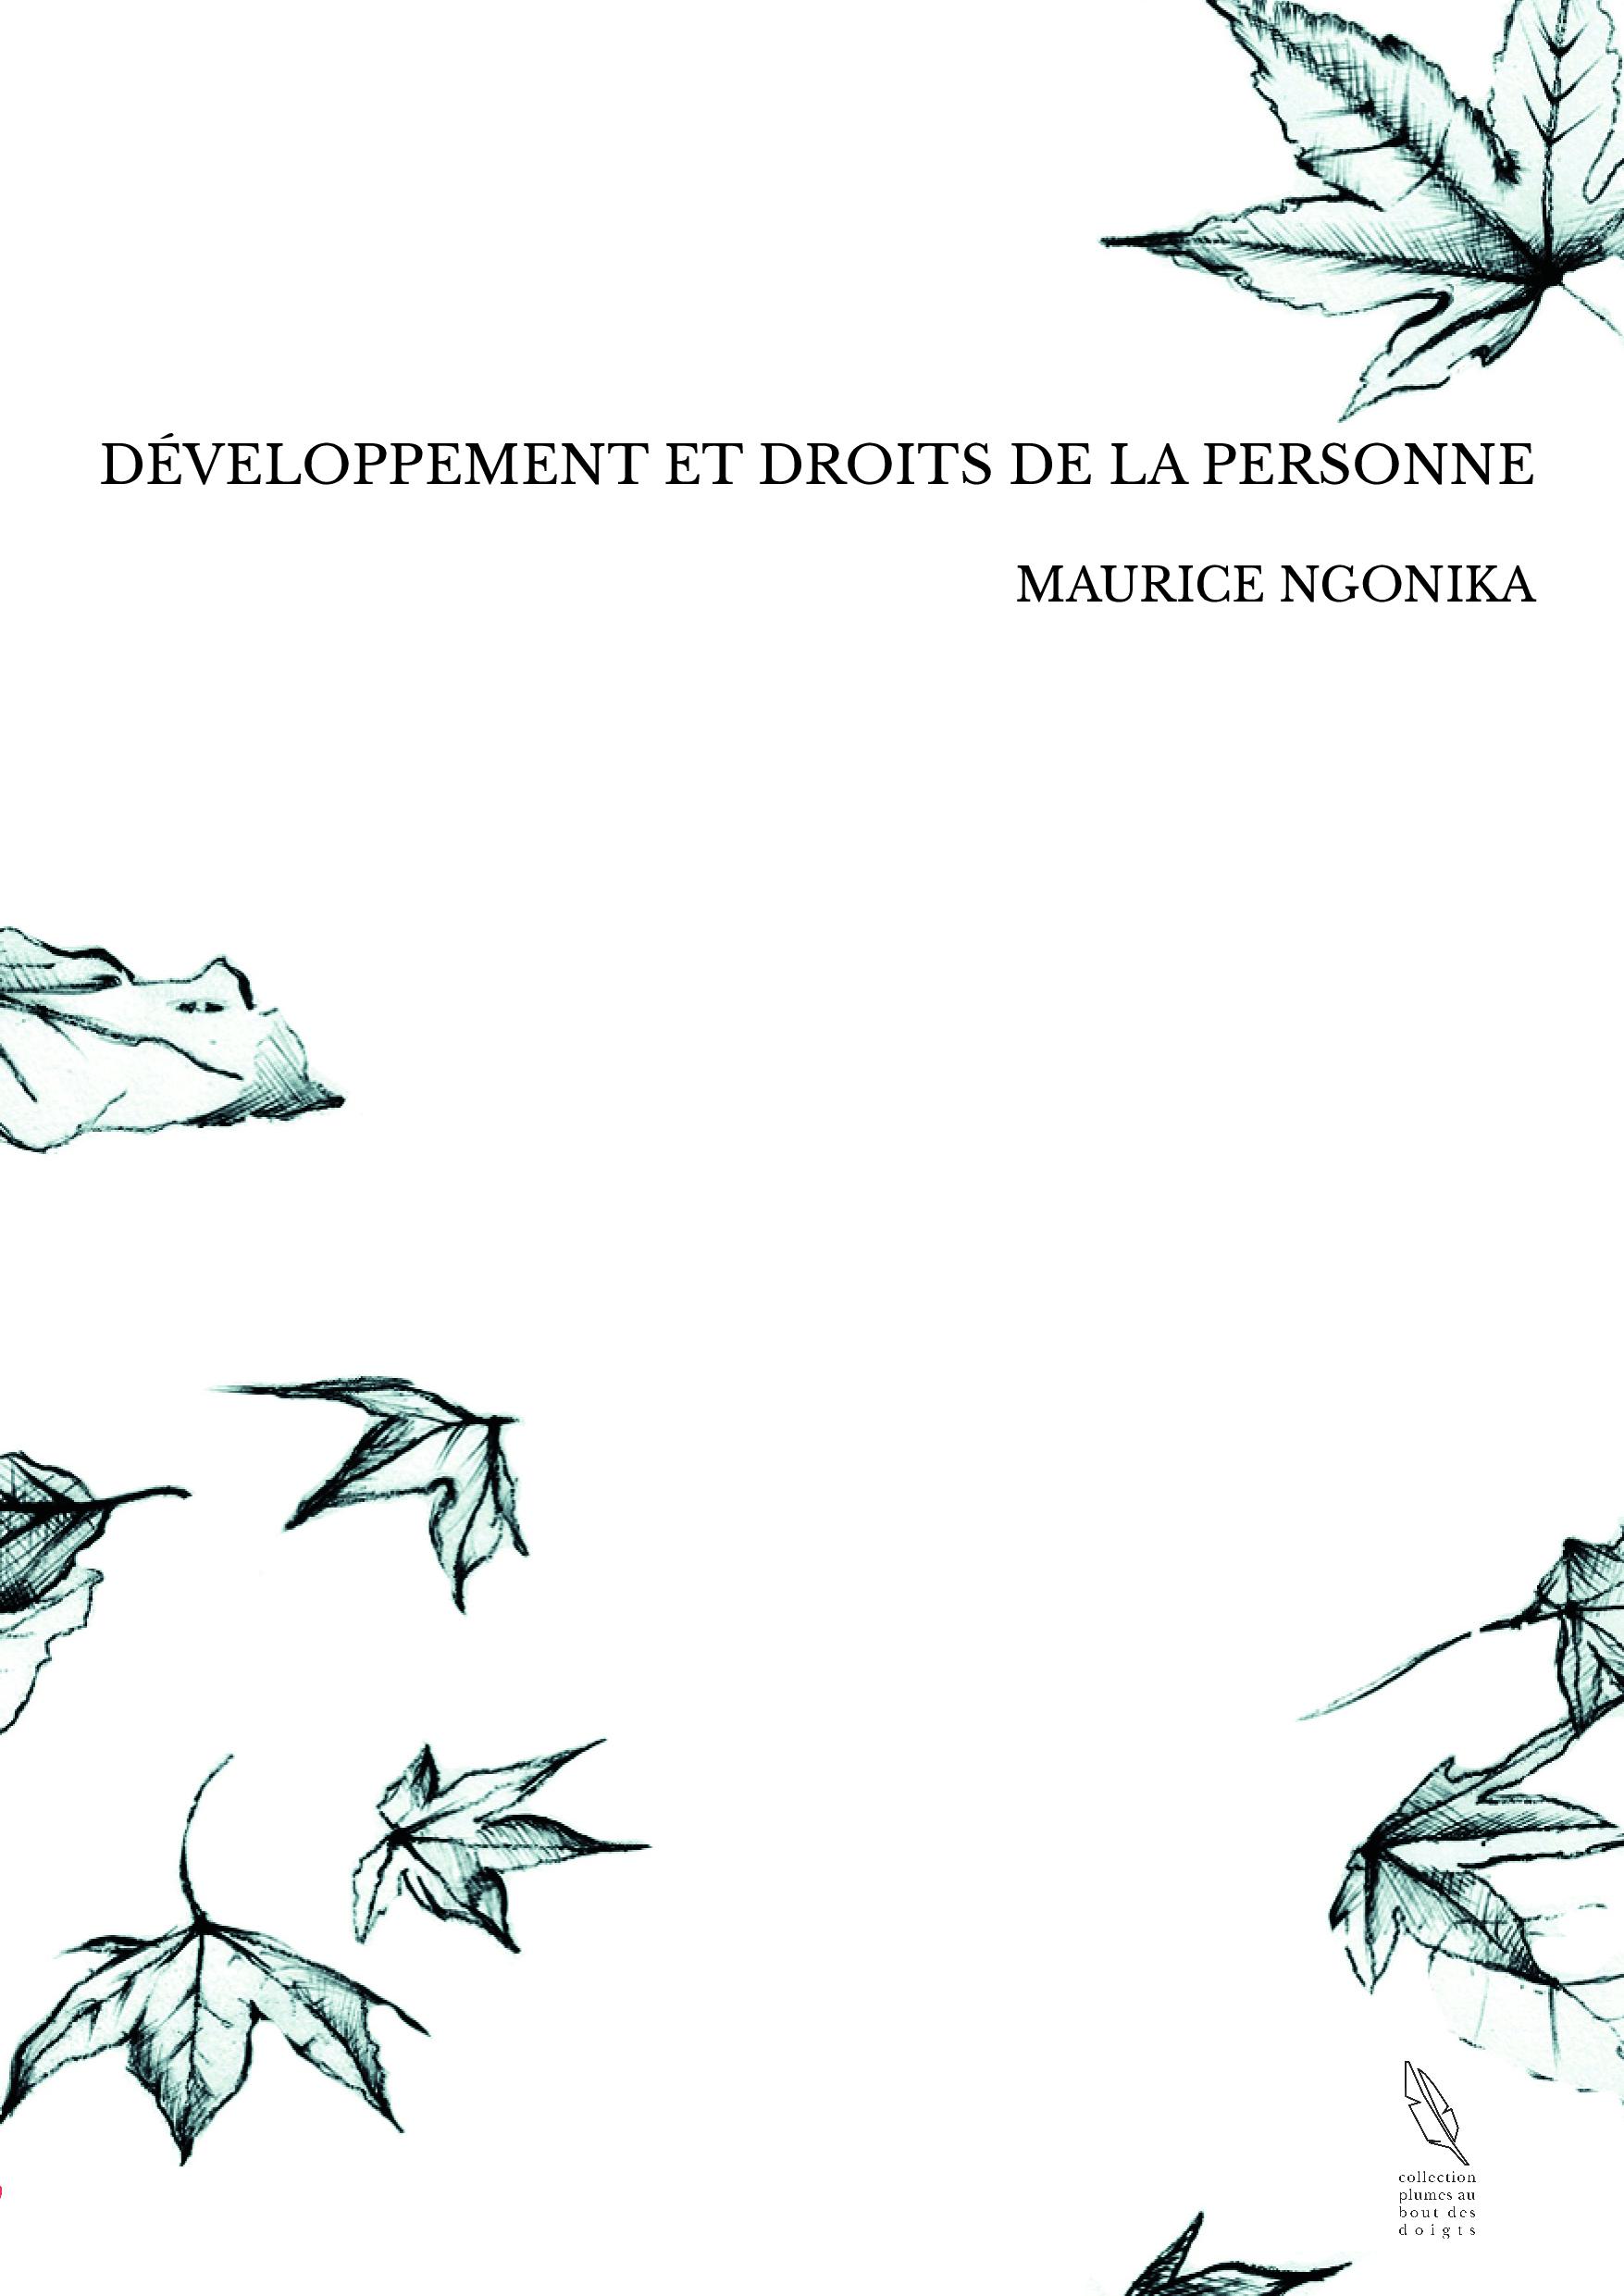 DÉVELOPPEMENT ET DROITS DE LA PERSONNE